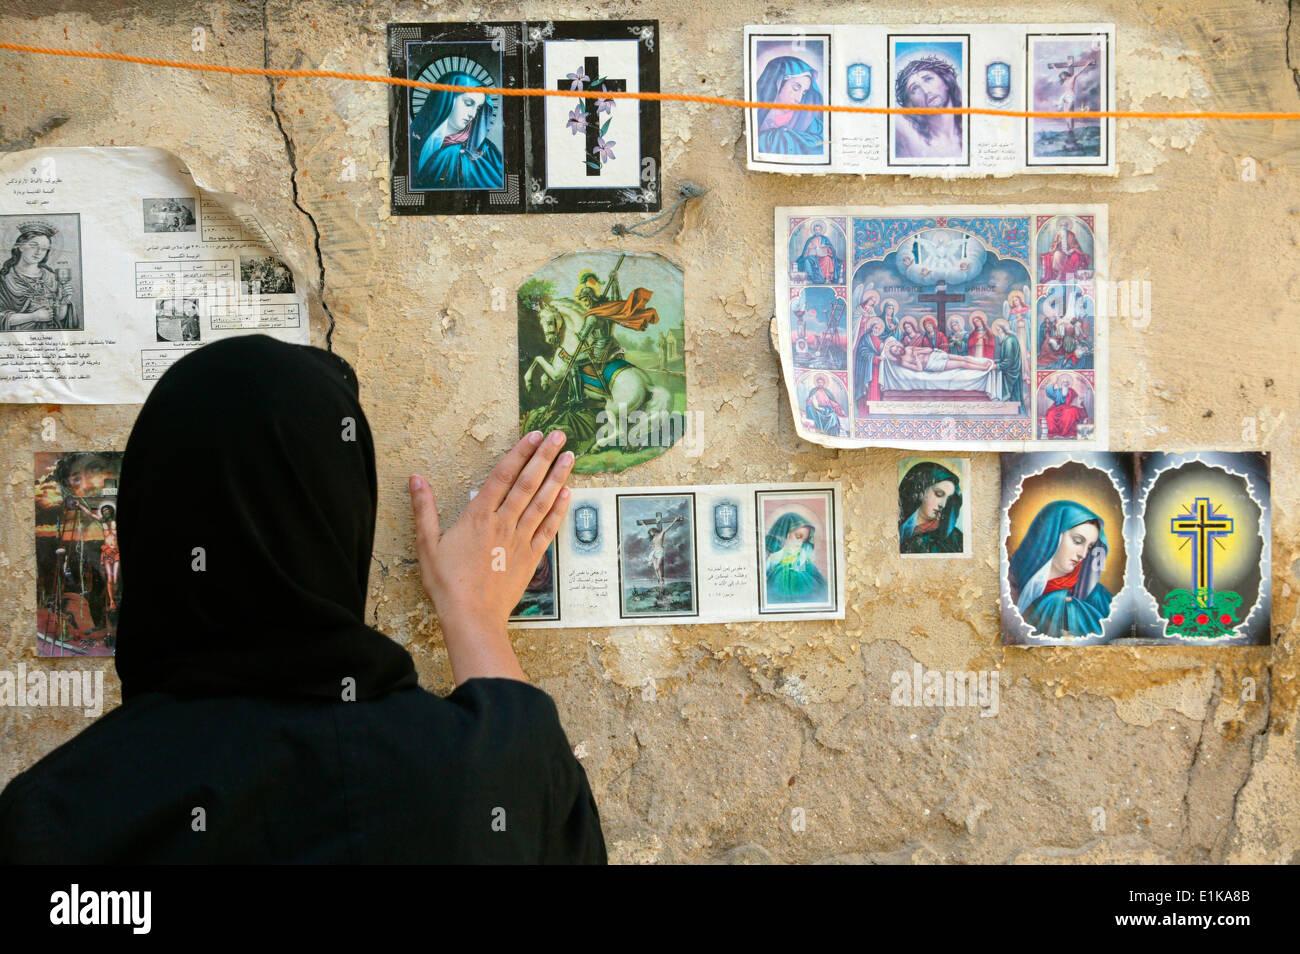 Koptische Bilder in Alt-Kairo Stockbild